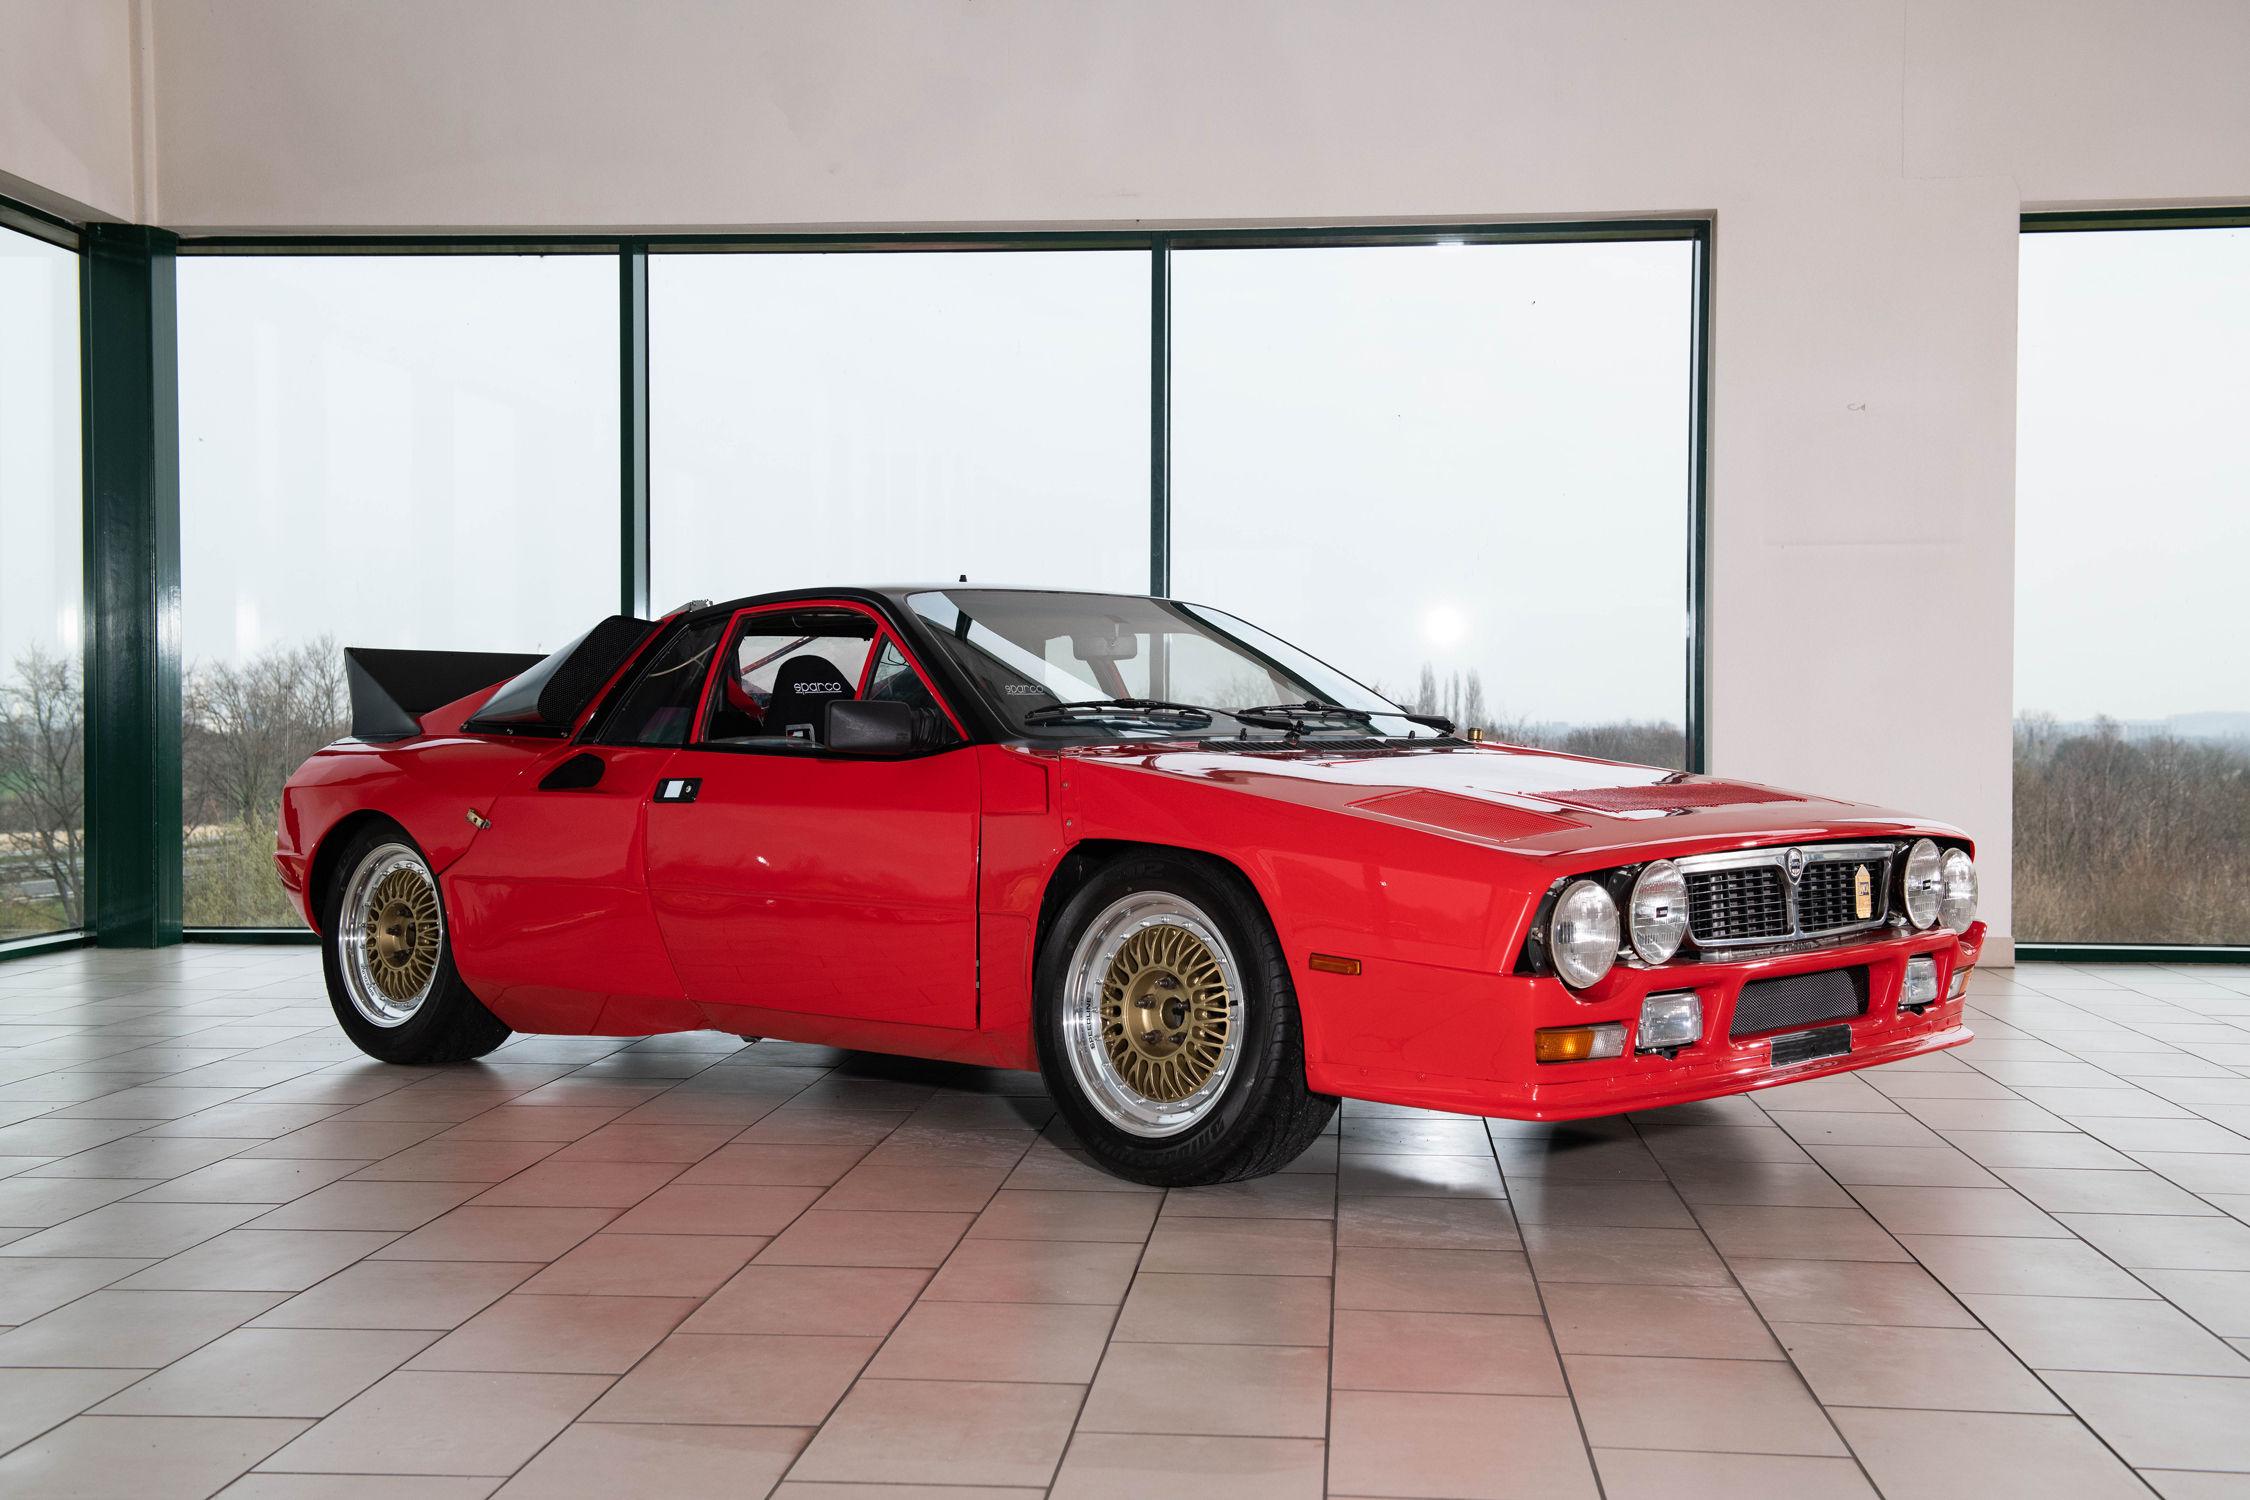 Lancia 037 Rally prototipo #SE037-001